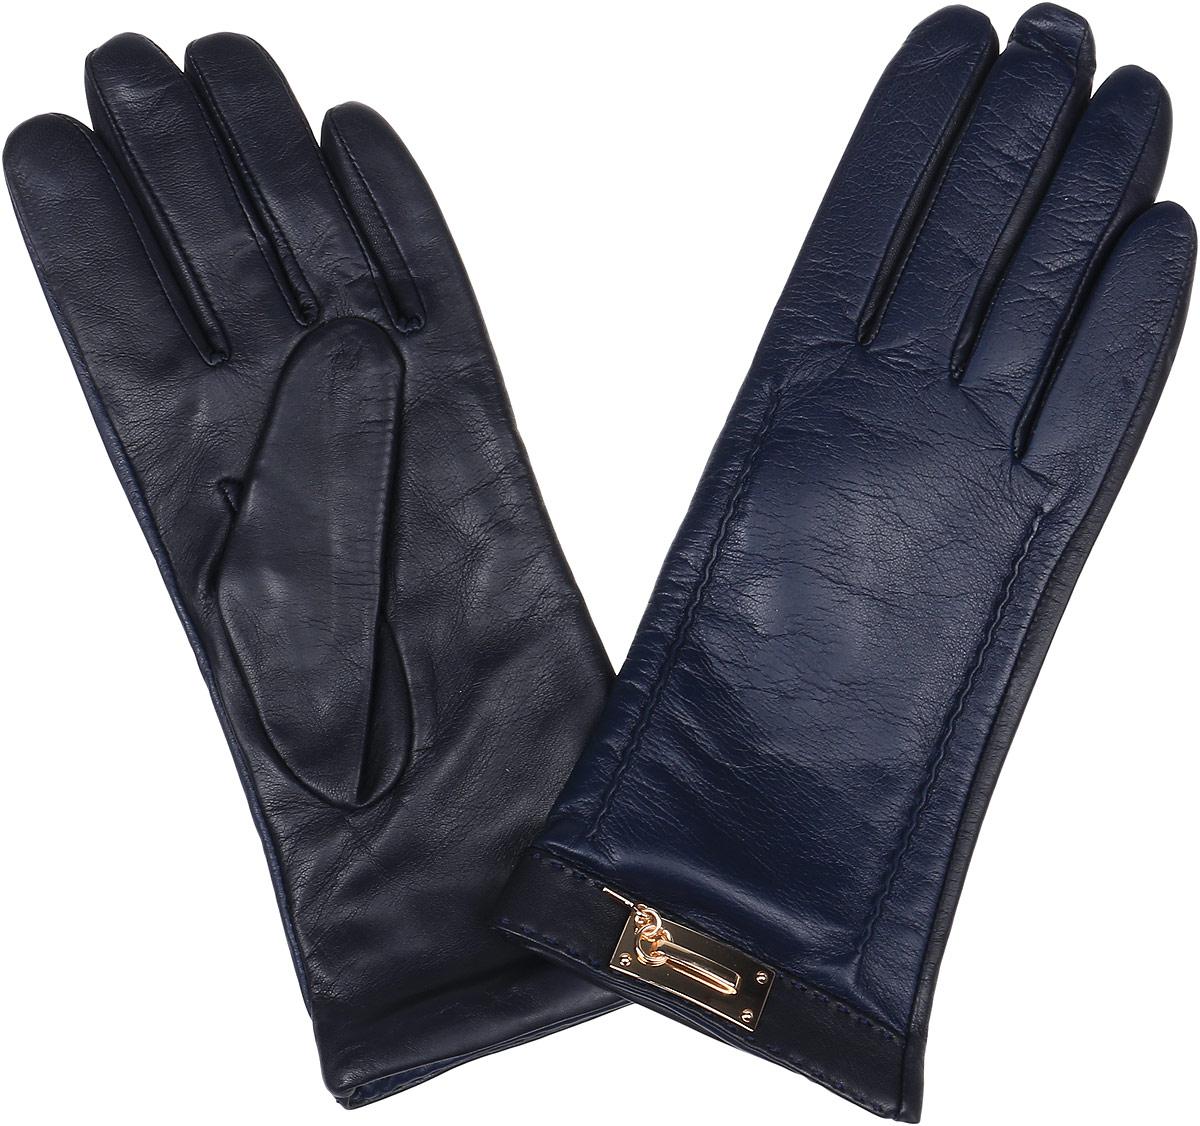 Перчатки женские Fabretti, цвет: черный, темно-синий. 9.73-11. Размер 7,59.73-11 blueСтильные женские перчатки Fabretti не только защитят ваши руки, но и станут великолепным украшением. Перчатки выполнены из натуральной кожи ягненка, а их подкладка - из высококачественной шерсти с добавлением кашемира.Модель оформлена оригинальными строчками-стежками и металлической пластиной, дополненной ключиком.Стильный аксессуар для повседневного образа.